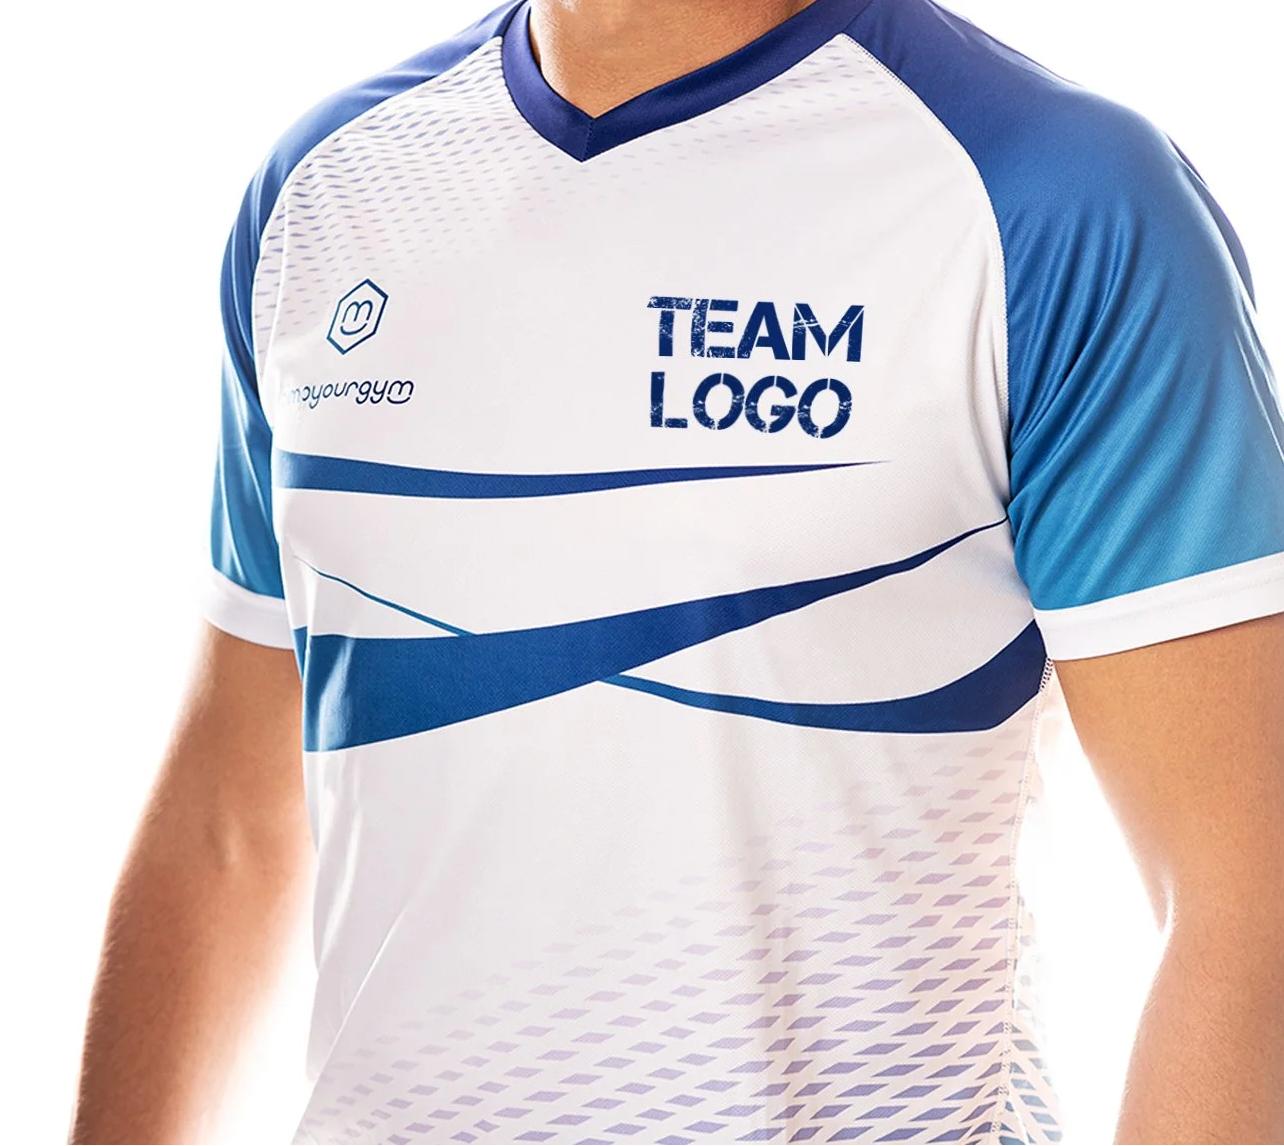 Personalisierte Team Trikots für Vereine und Freizeitmannschaften mit eigenem Logo und Clubdesign